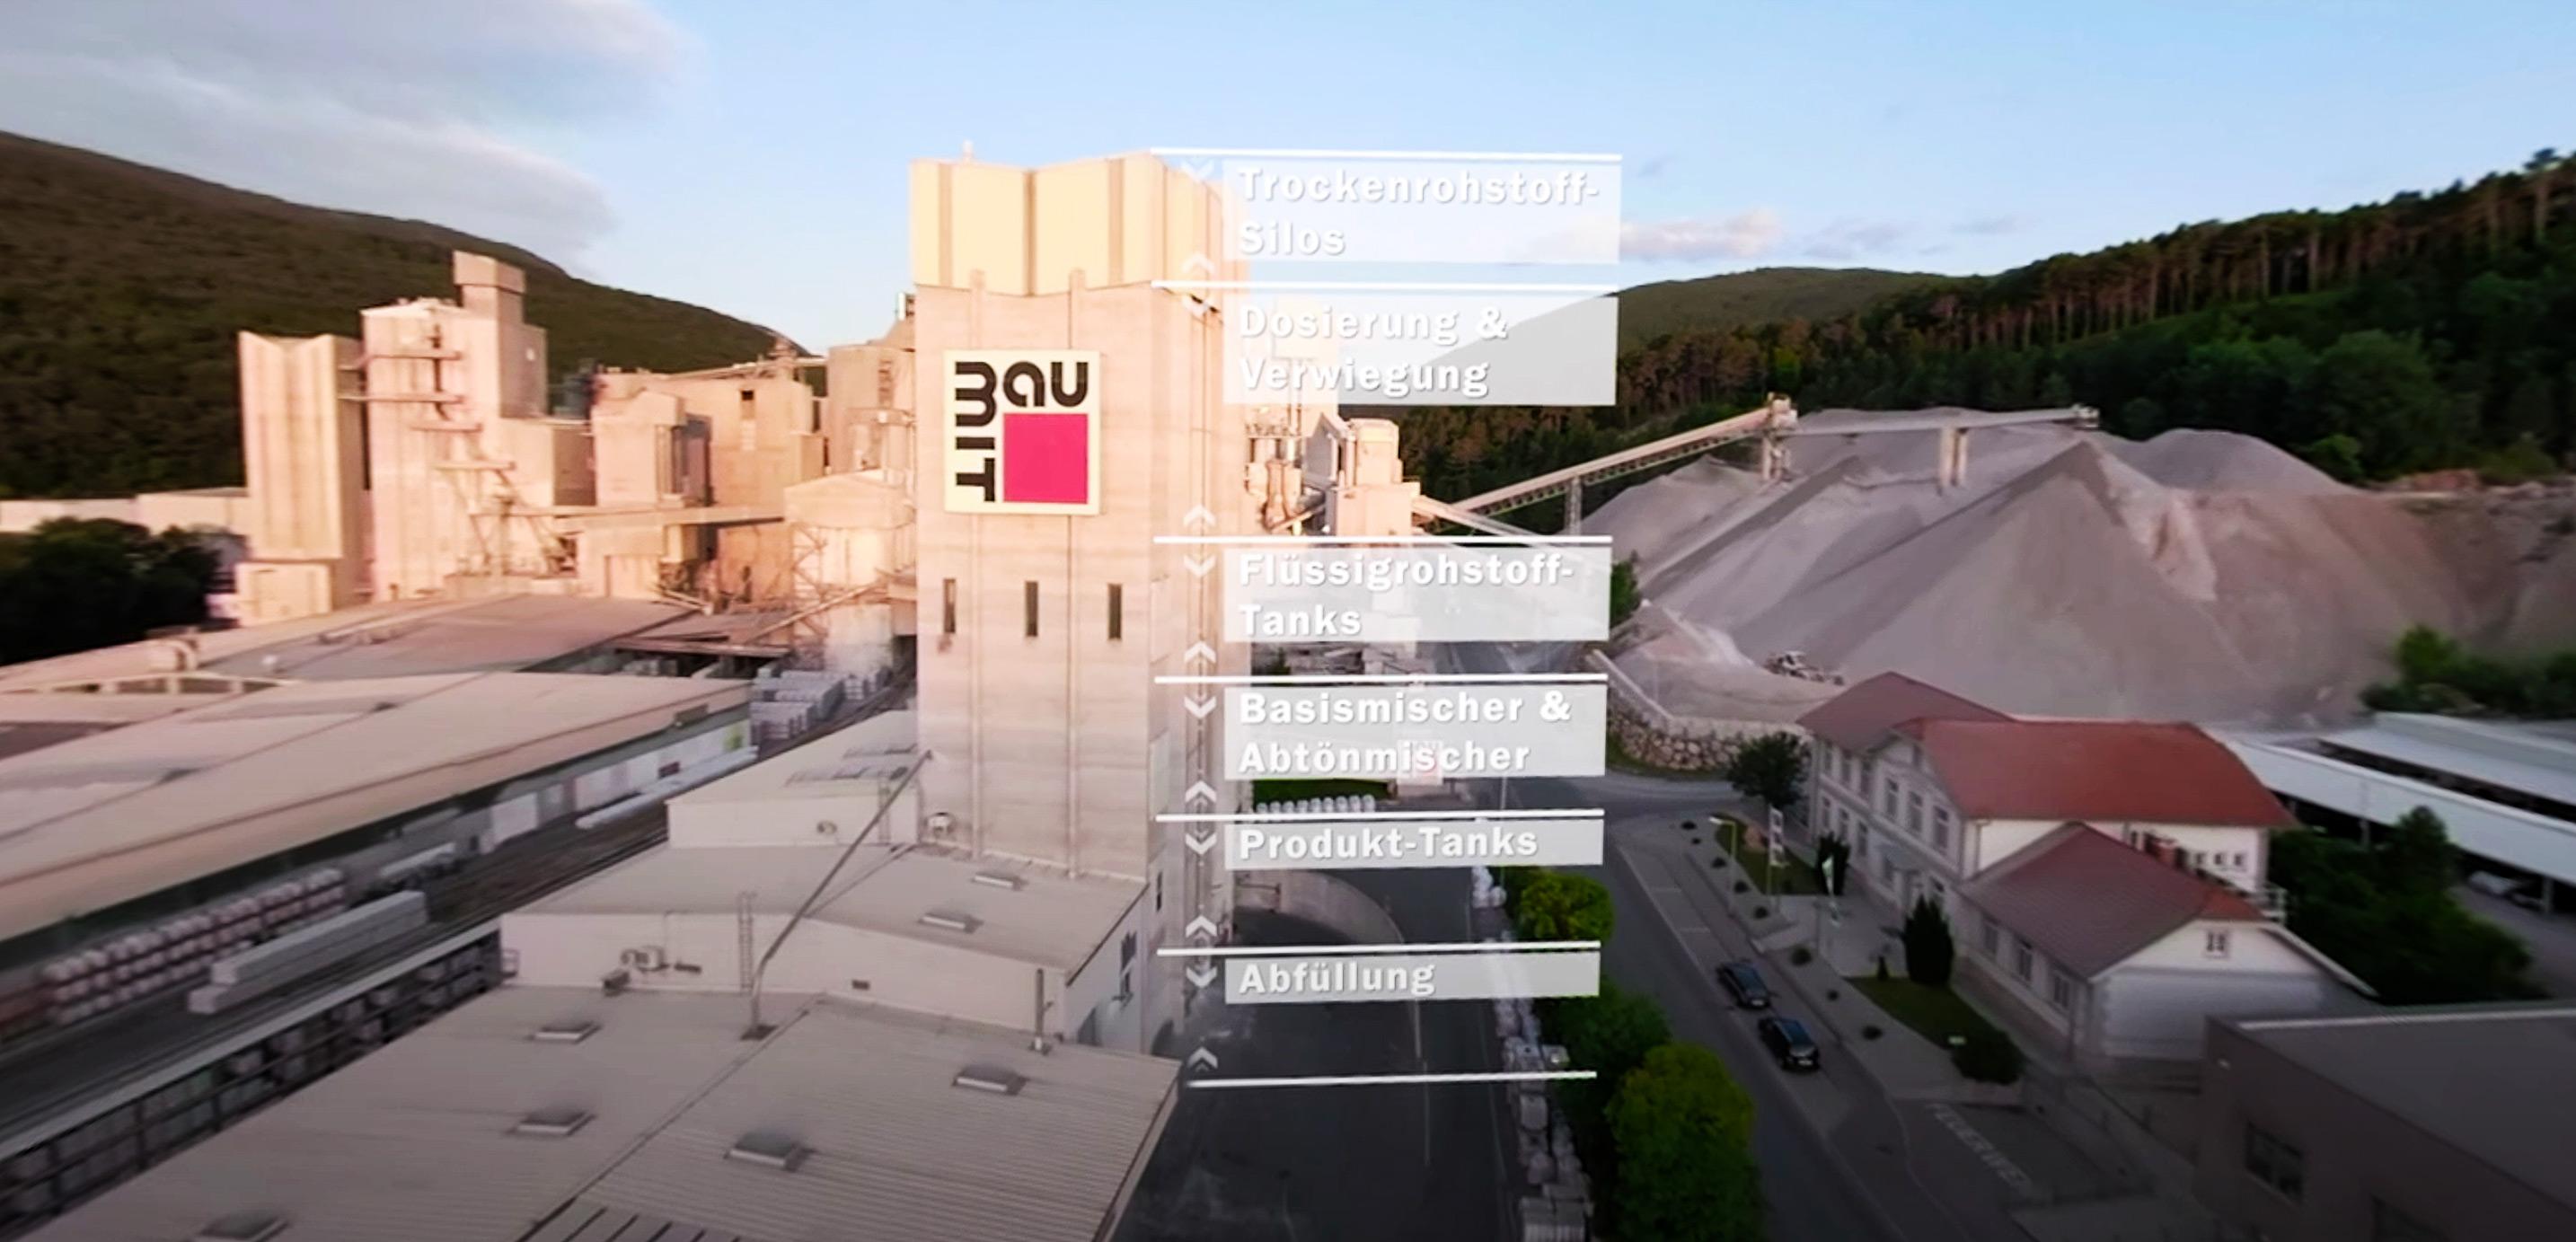 Baumit 360 video still frame from Baumit facilities in Austria